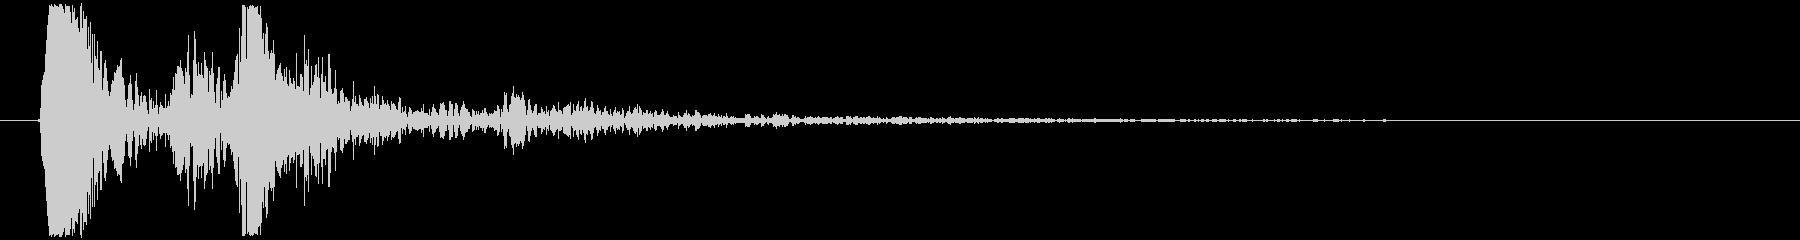 アイテムやキャラが出てくる時の様な効果音の未再生の波形